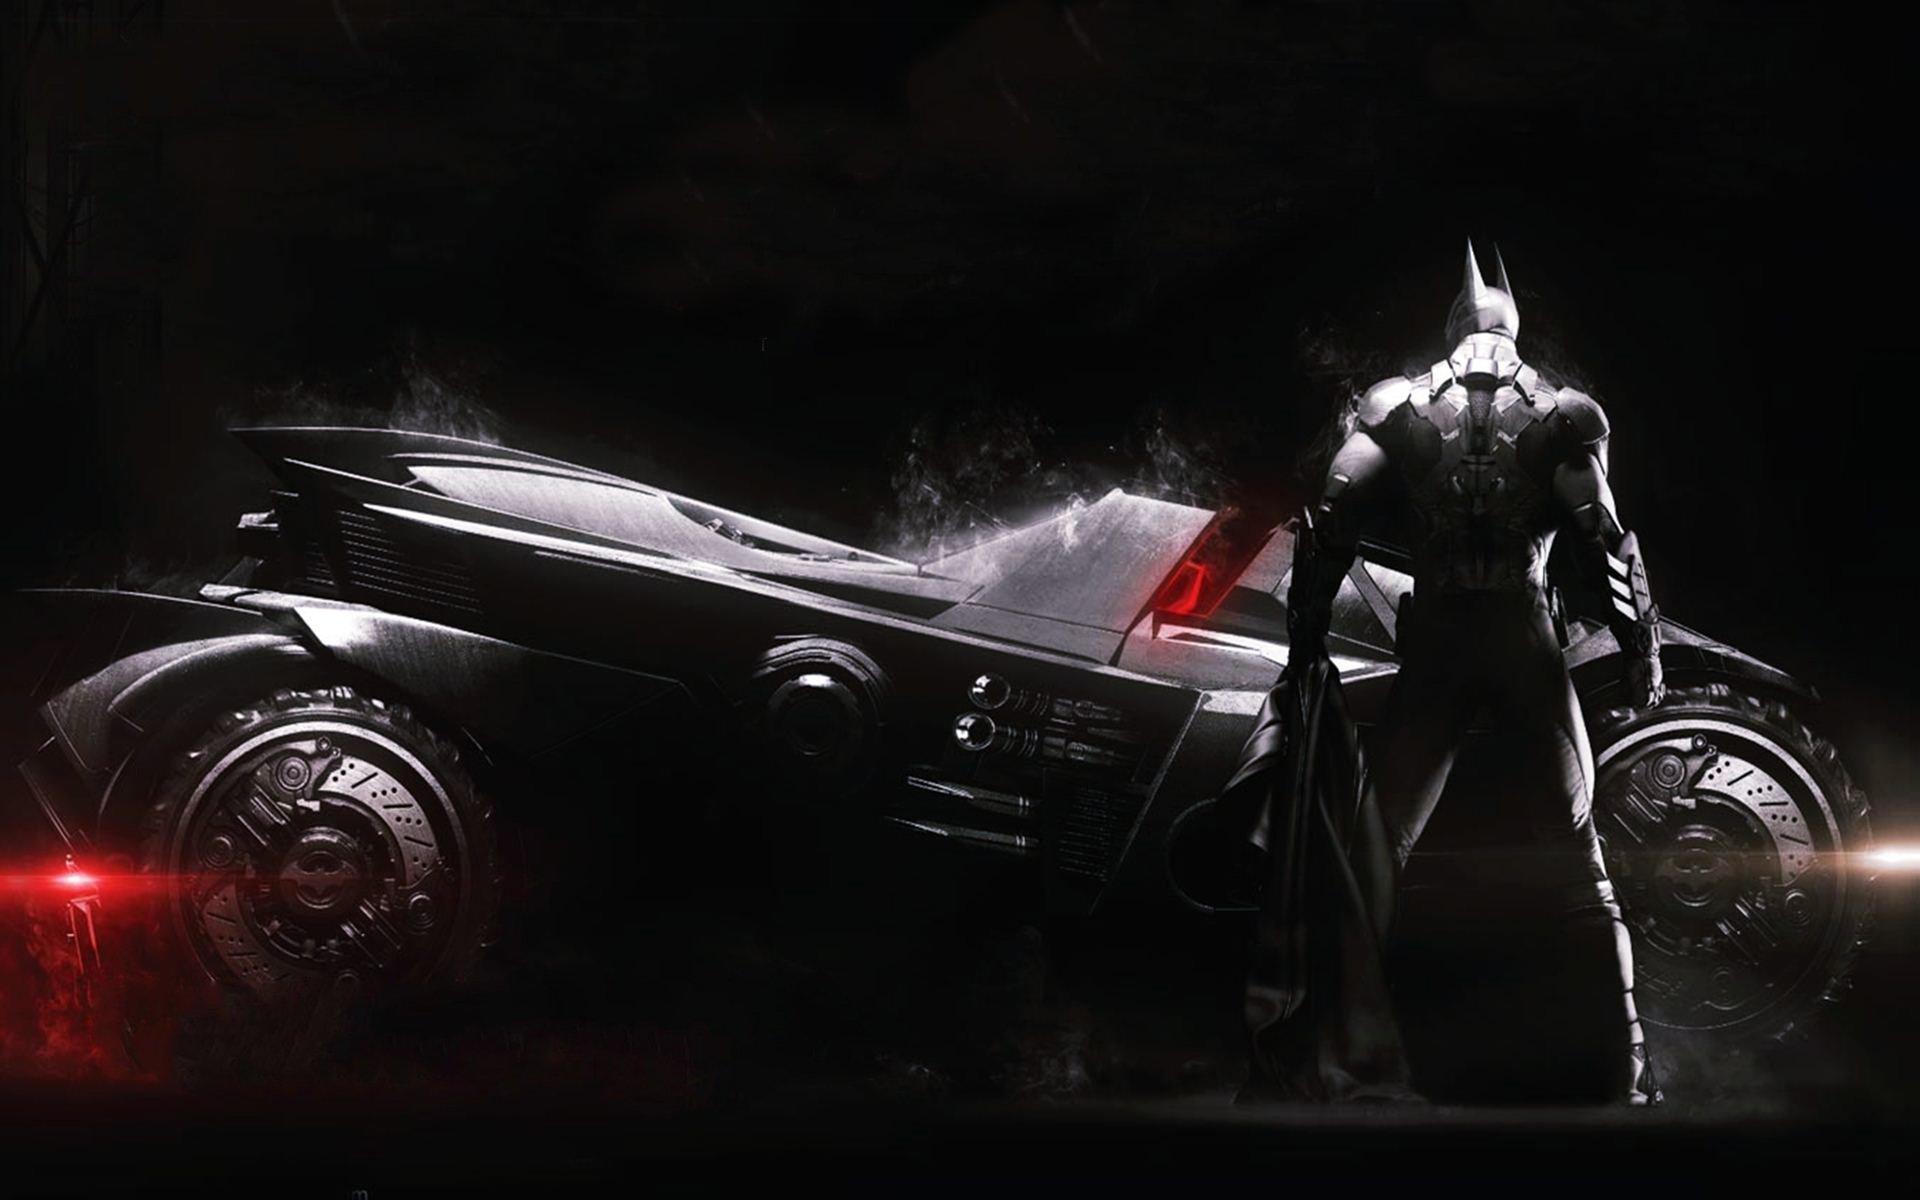 BATMAN V SUPERMAN Dc Comics Batman Superman Superhero Adventure Action Fighting Dawn Justice Batmobile Wallpaper